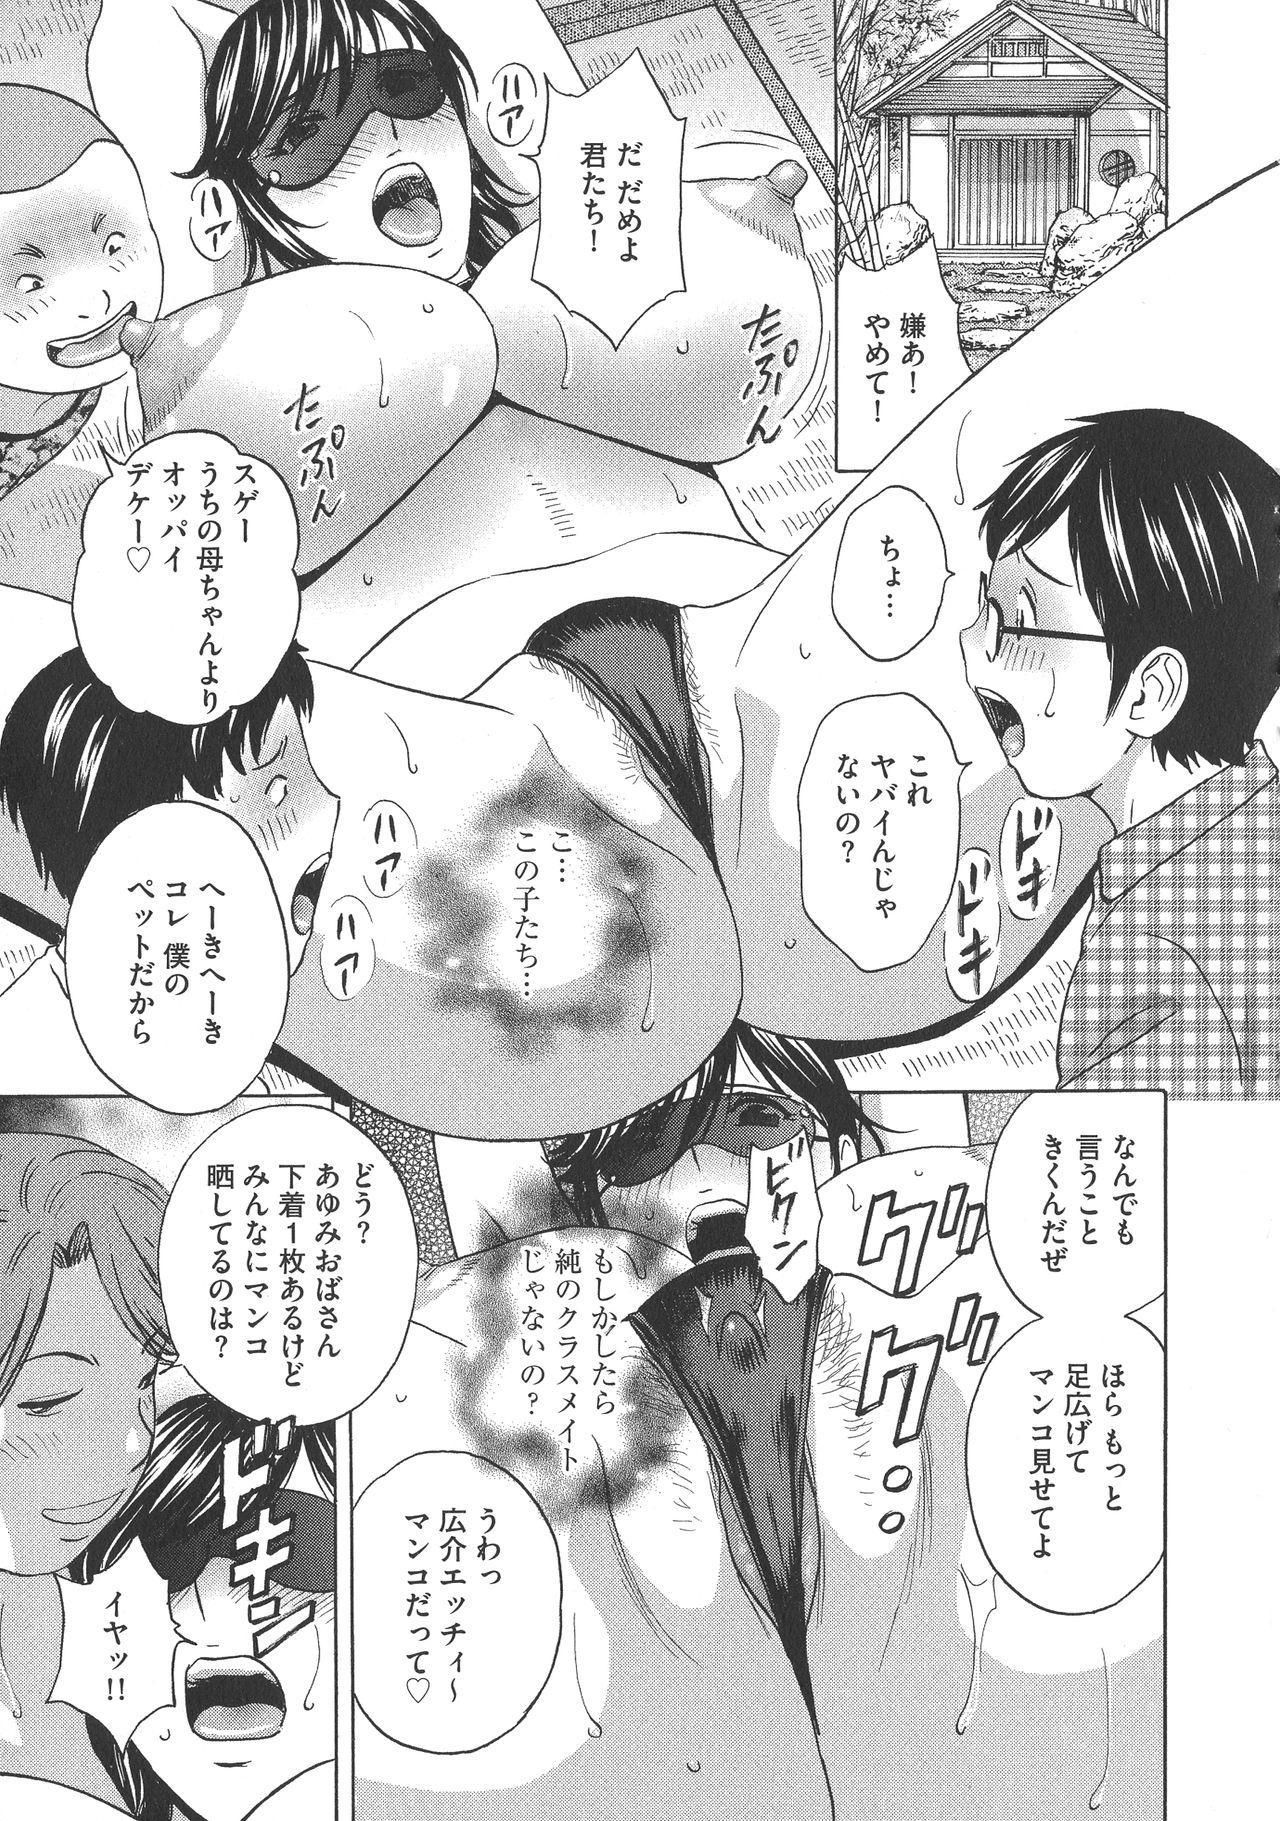 Chijoku ni Modaeru Haha no Chichi… 58